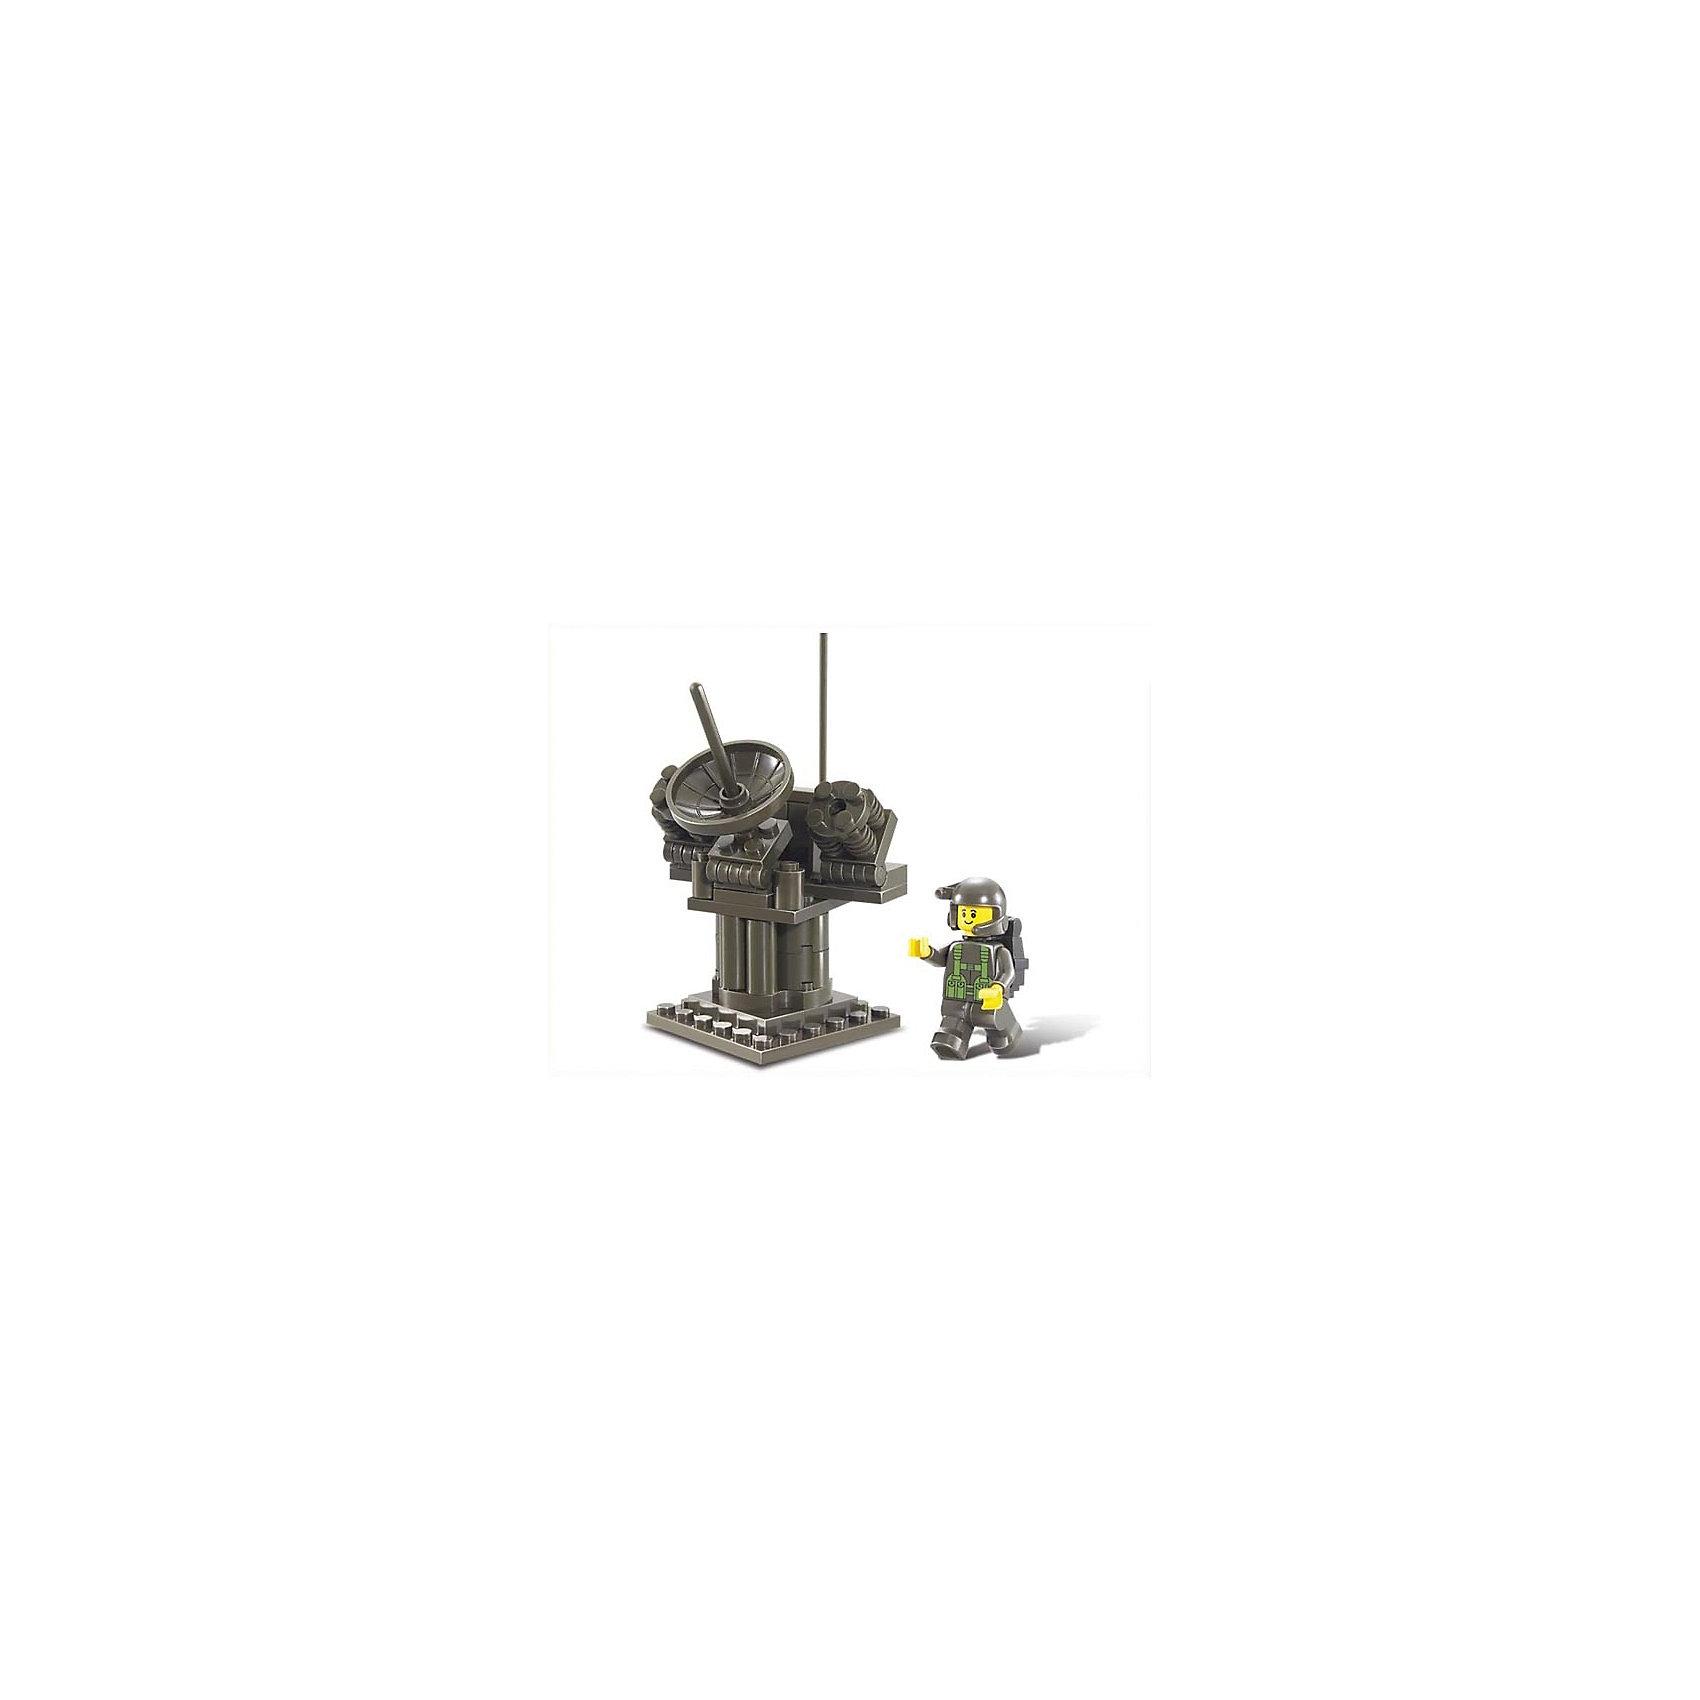 Конструктор Сухопутные войска: РЛС, 44 детали, SlubanПластмассовые конструкторы<br>Конструктор Сухопутные войска: РЛС, 44 детали, Sluban (Слубан)<br><br>Характеристики:<br><br>• возраст: от 6 лет<br>• радиолокационная система<br>• мини-фигурка в комплекте<br>• количество деталей: 44<br>• материал: пластик<br>• размер упаковки: 9х4х12 см<br>• вес: 90 грамм<br><br>Без радиолокационной системы не обходятся ни одни военные действия. Из конструктора Sluban ребенок сможет собрать свою радиолокационную систему, отлично подходящую для любой игры. Военный быстро отследит перемещение противника и справится с поставленной задачей.<br><br>Конструктор Сухопутные войска: РЛС, 44 детали, Sluban (Слубан) вы можете купить в нашем интернет-магазине.<br><br>Ширина мм: 120<br>Глубина мм: 40<br>Высота мм: 90<br>Вес г: 90<br>Возраст от месяцев: 72<br>Возраст до месяцев: 2147483647<br>Пол: Унисекс<br>Возраст: Детский<br>SKU: 5453703